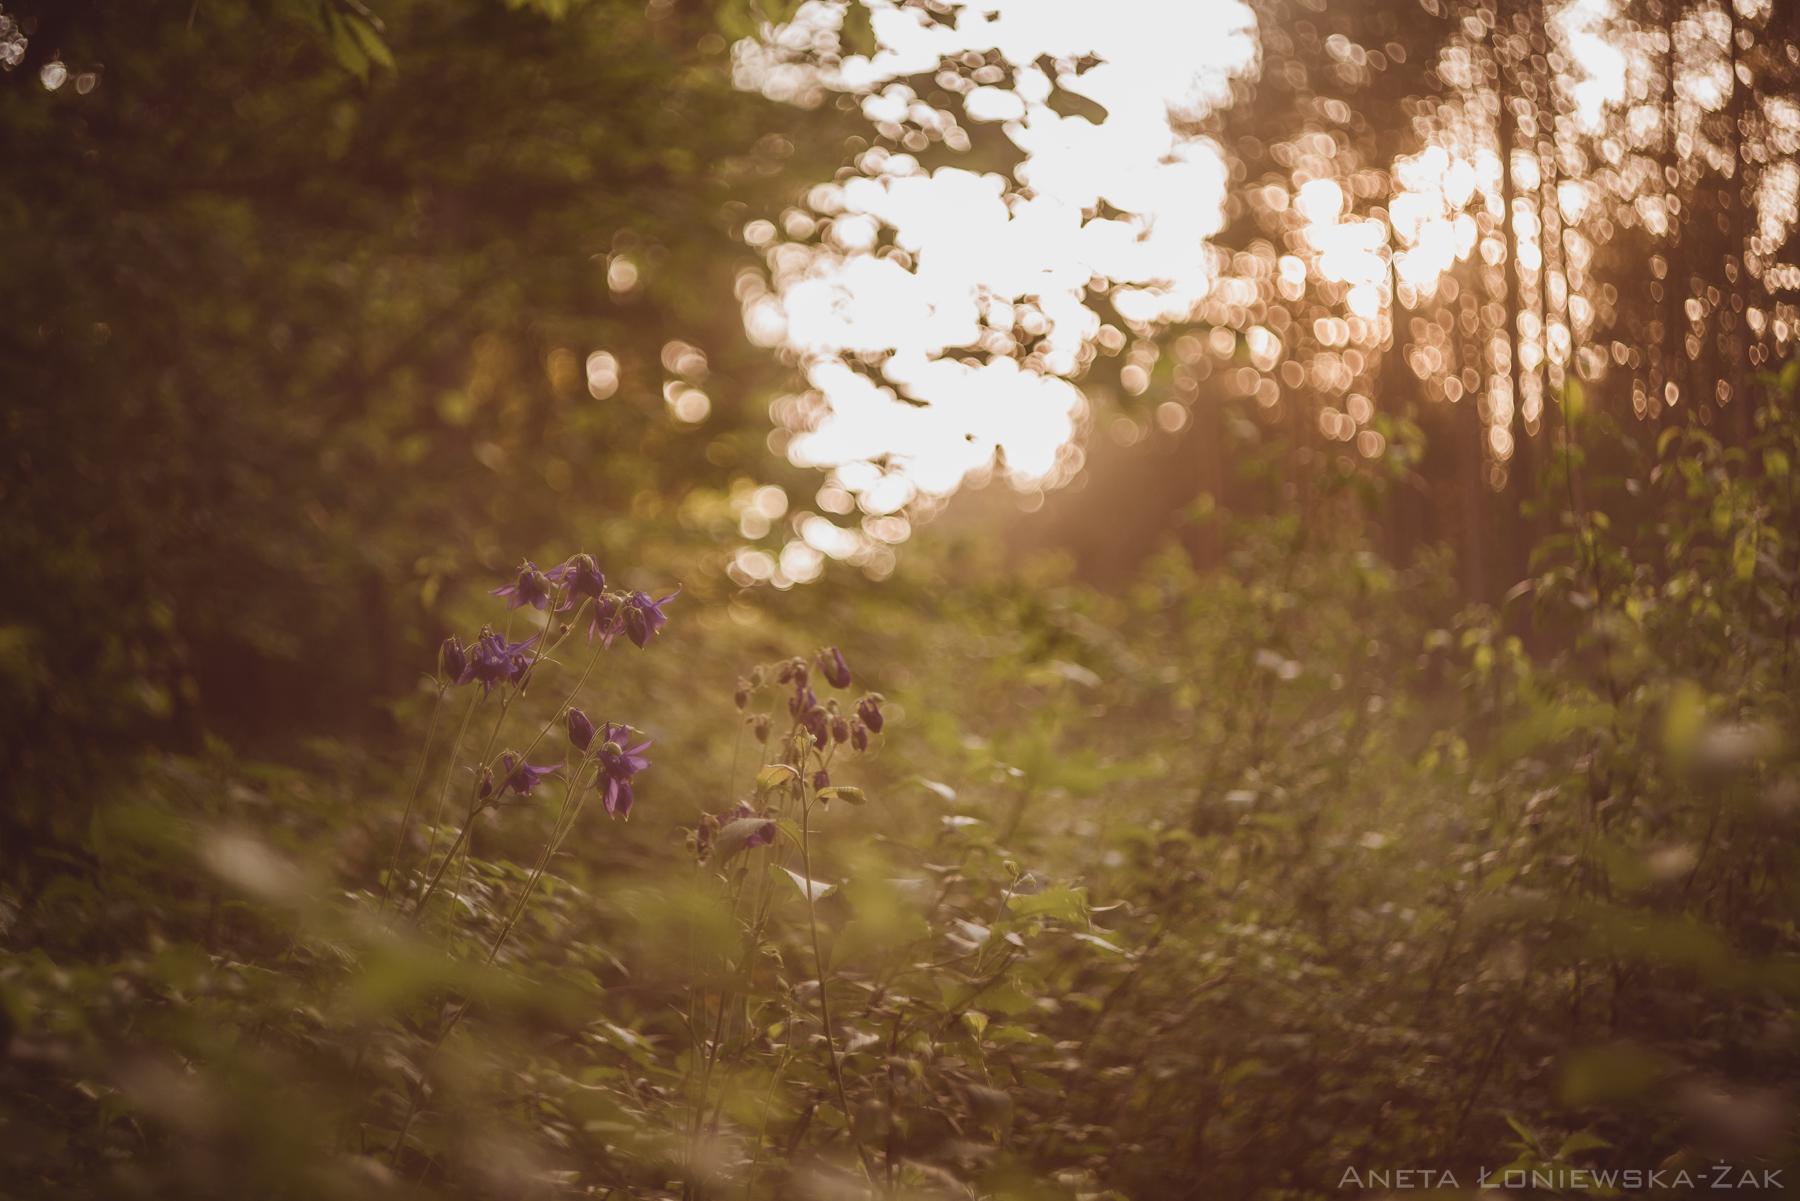 fotografia przyrodnicza, puszcza knyszyńska, orlik las